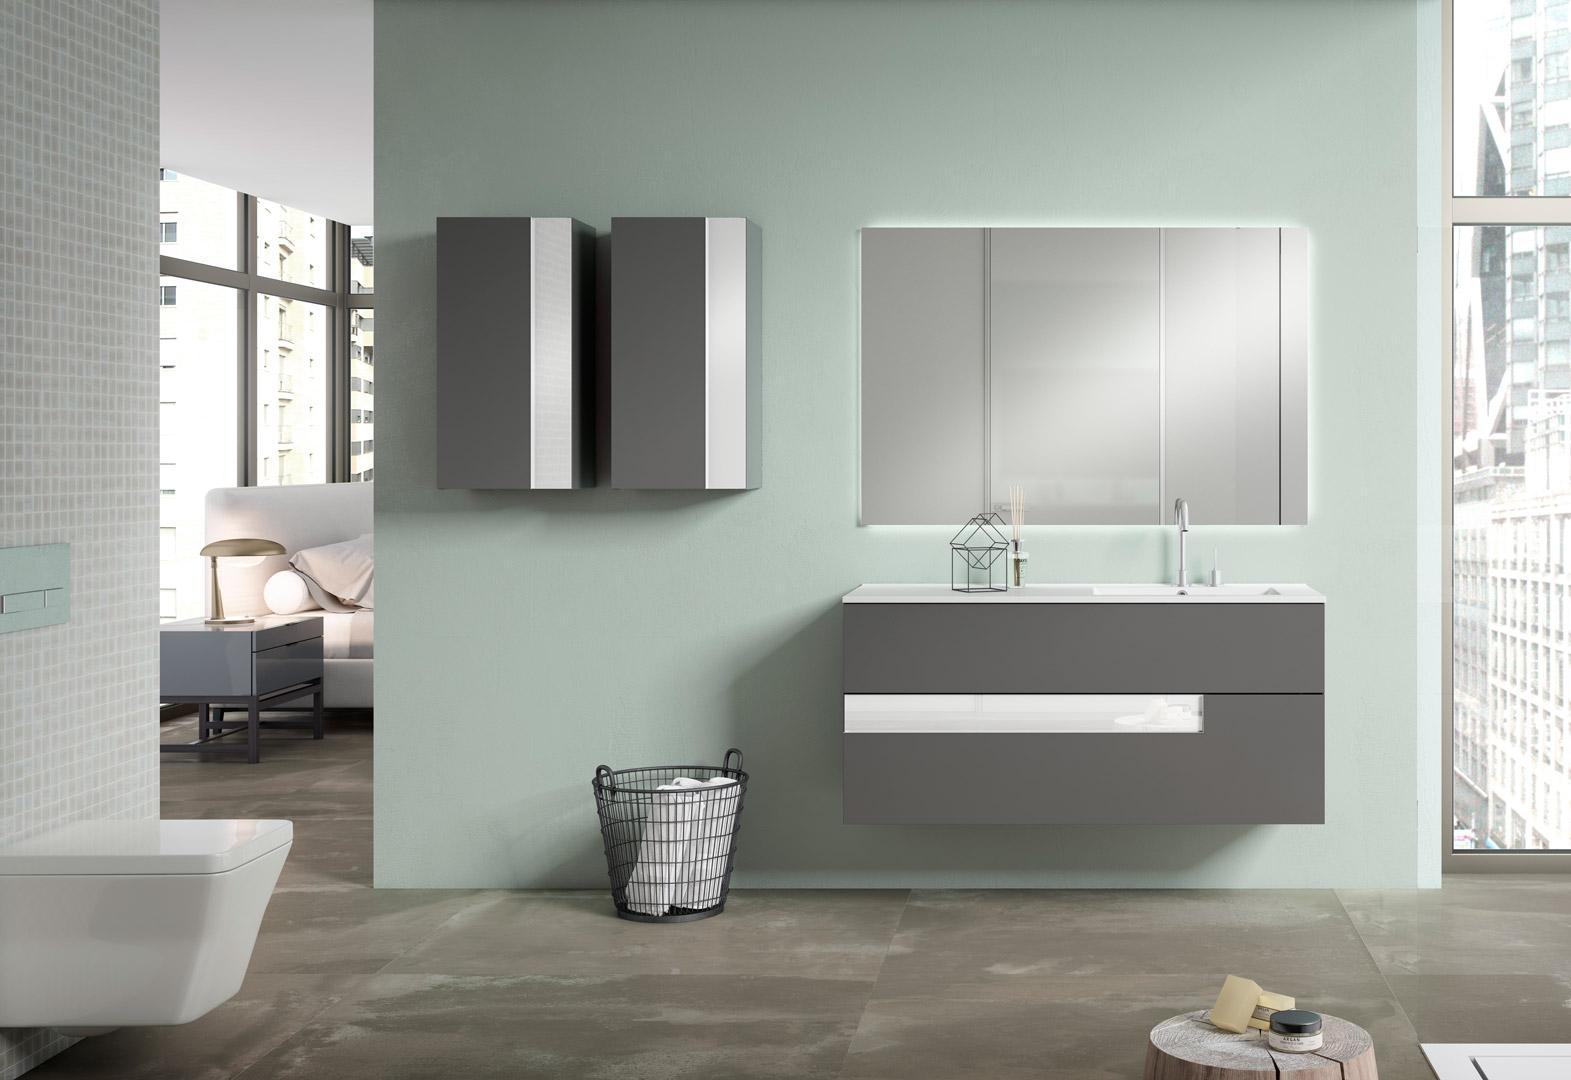 Muebles de ba o tu ducha - Diseno de banos online ...